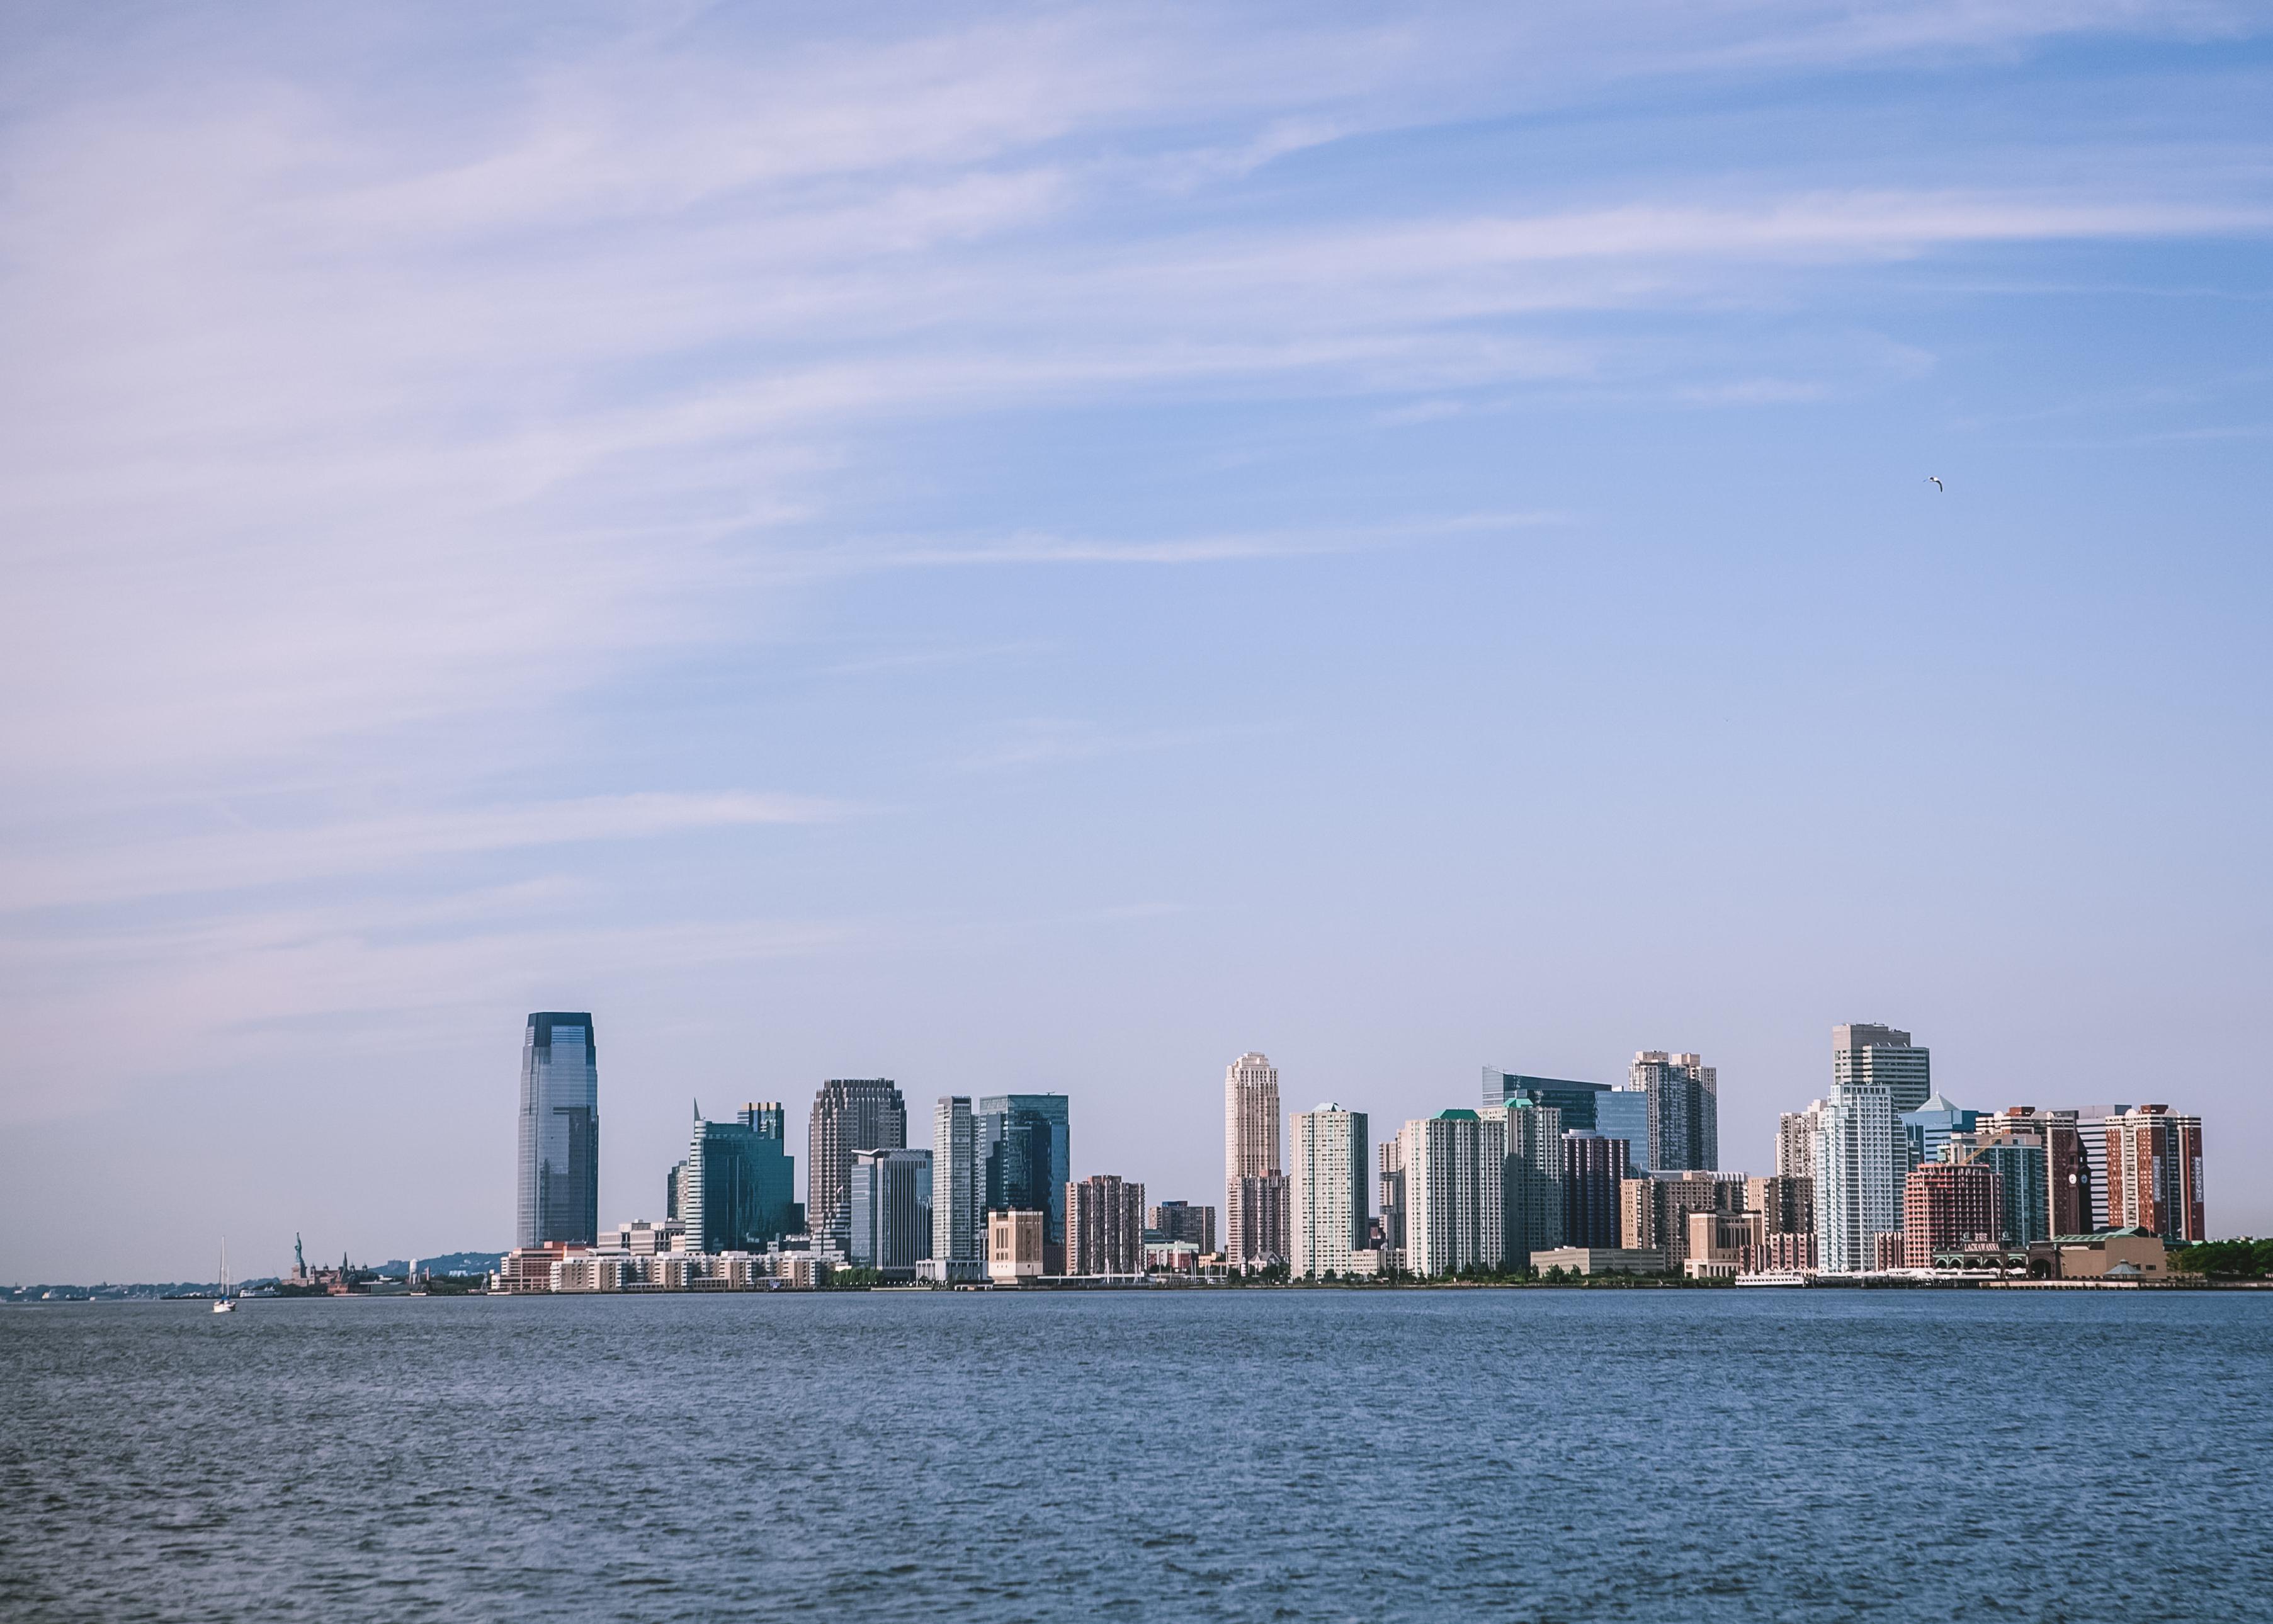 73035壁紙のダウンロード市, 都市, 建物, 海岸, 水, 見る, 眺める-スクリーンセーバーと写真を無料で